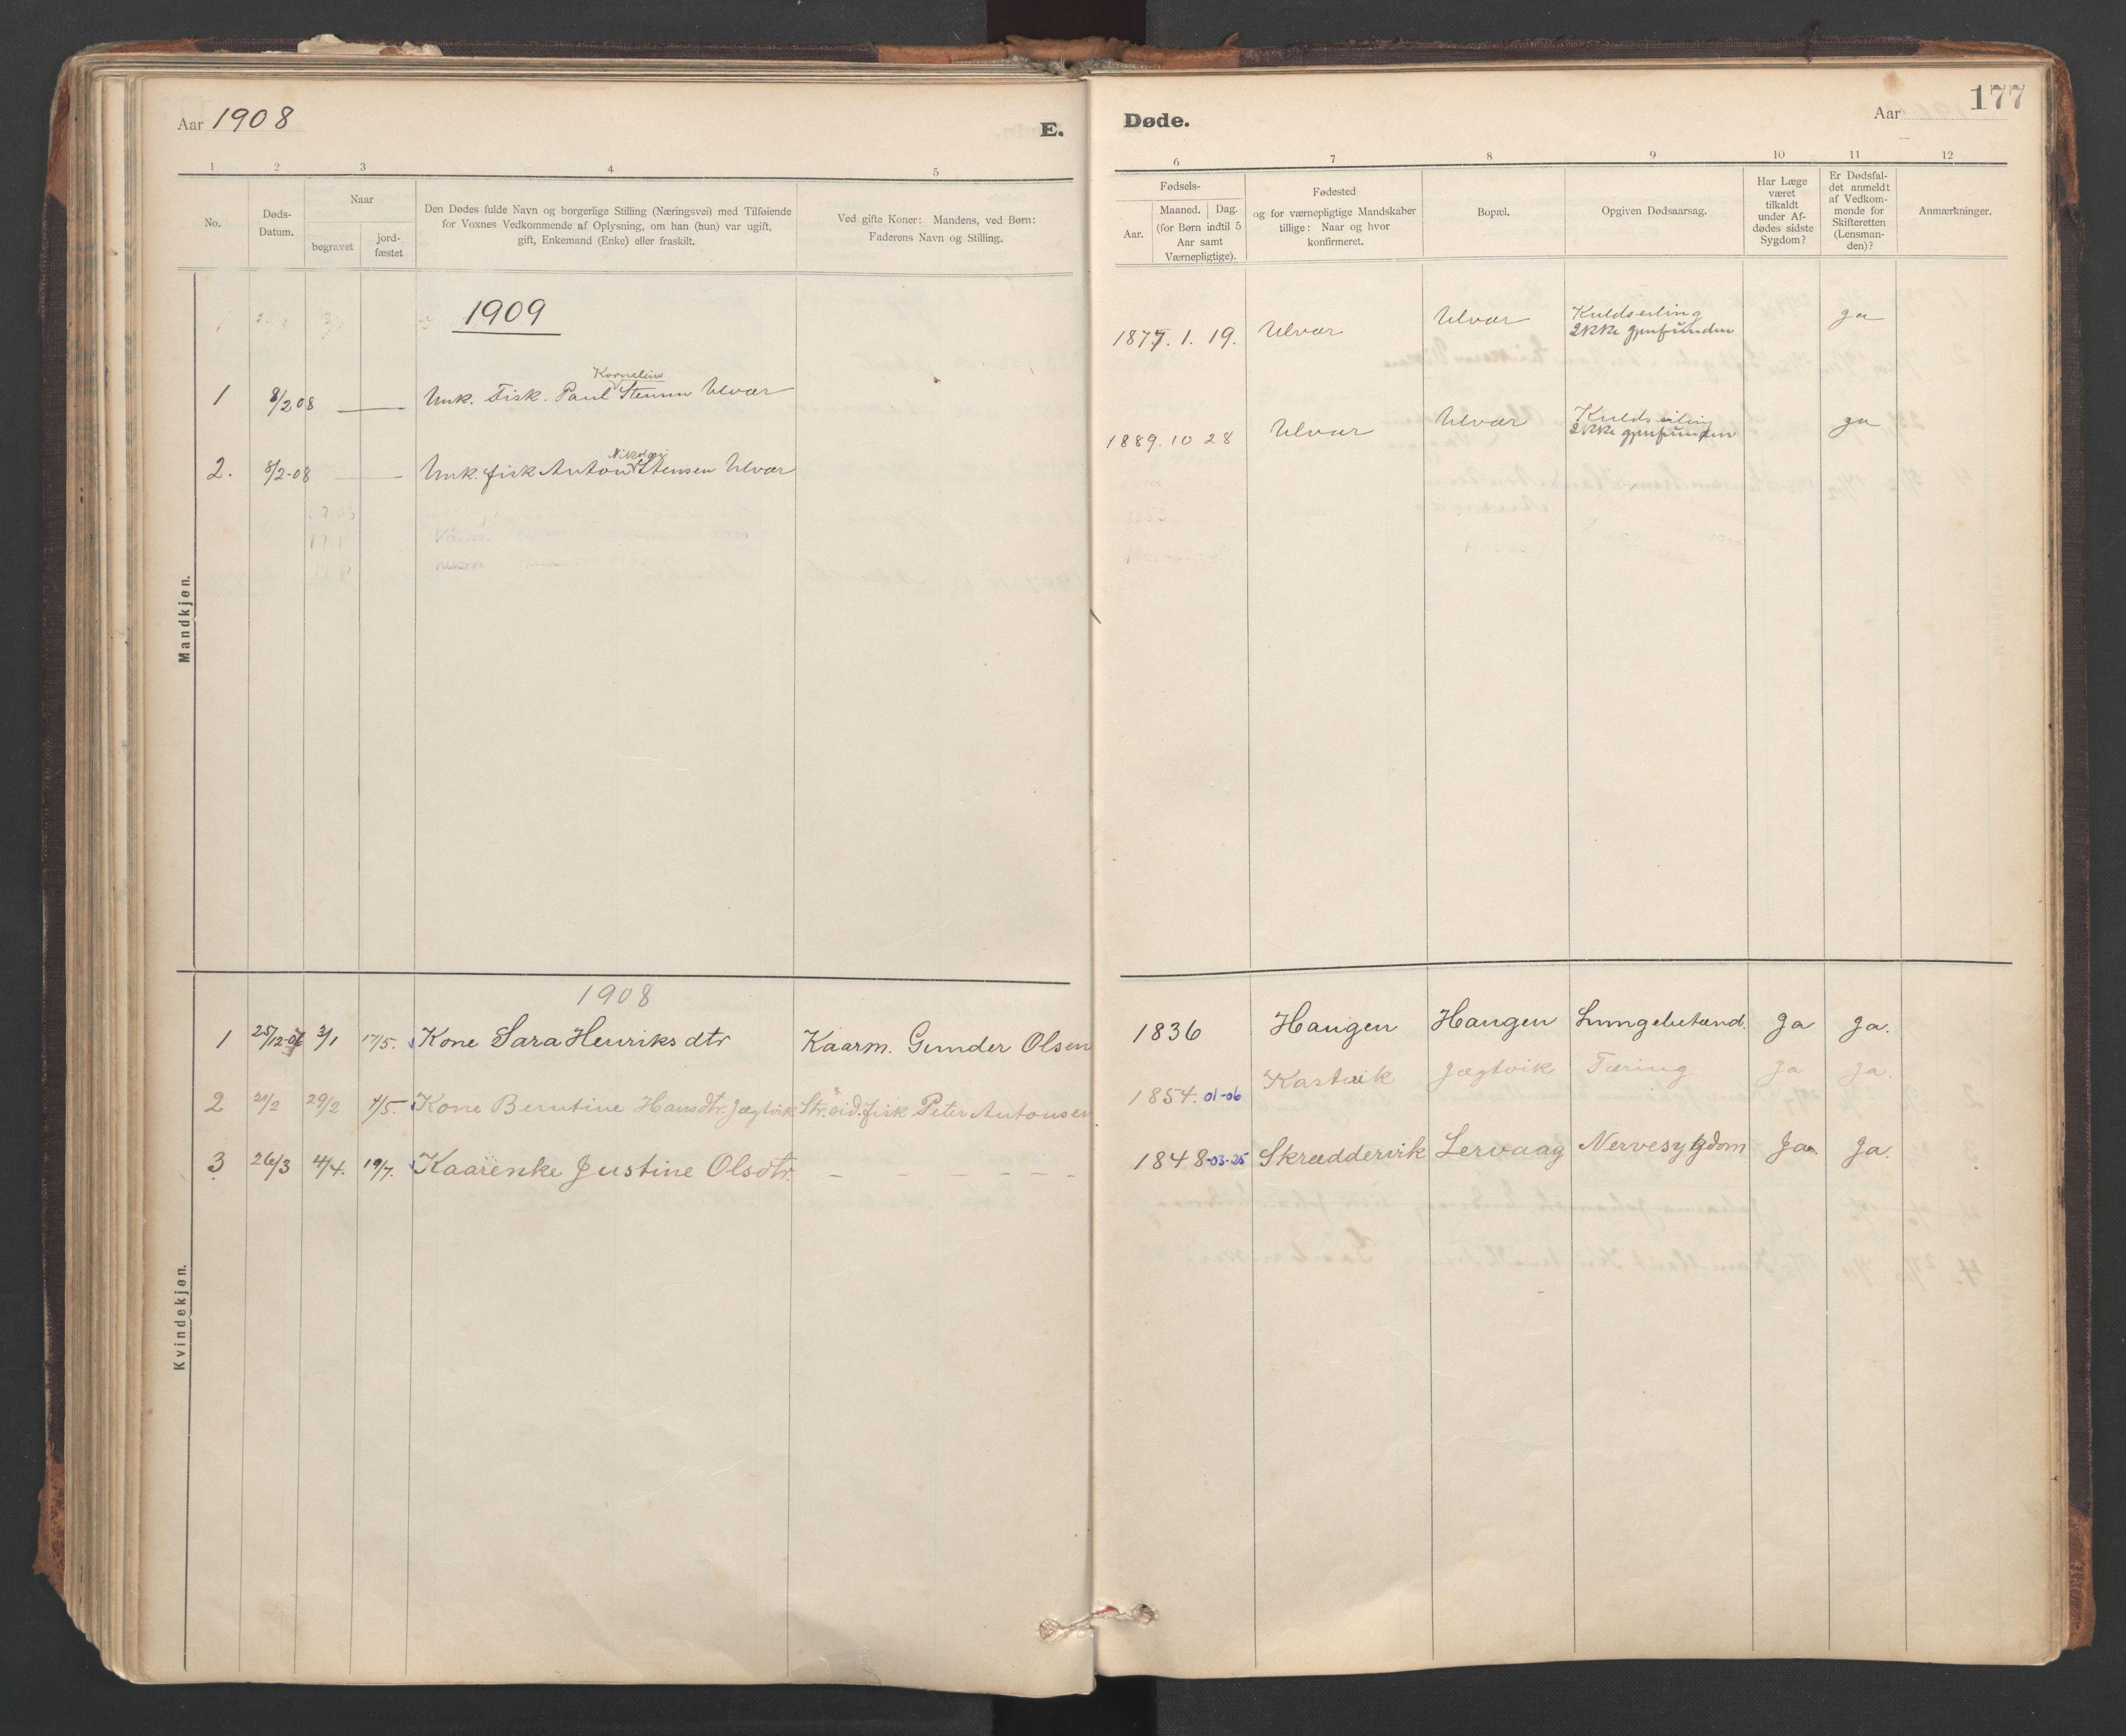 SAT, Ministerialprotokoller, klokkerbøker og fødselsregistre - Sør-Trøndelag, 637/L0559: Ministerialbok nr. 637A02, 1899-1923, s. 177